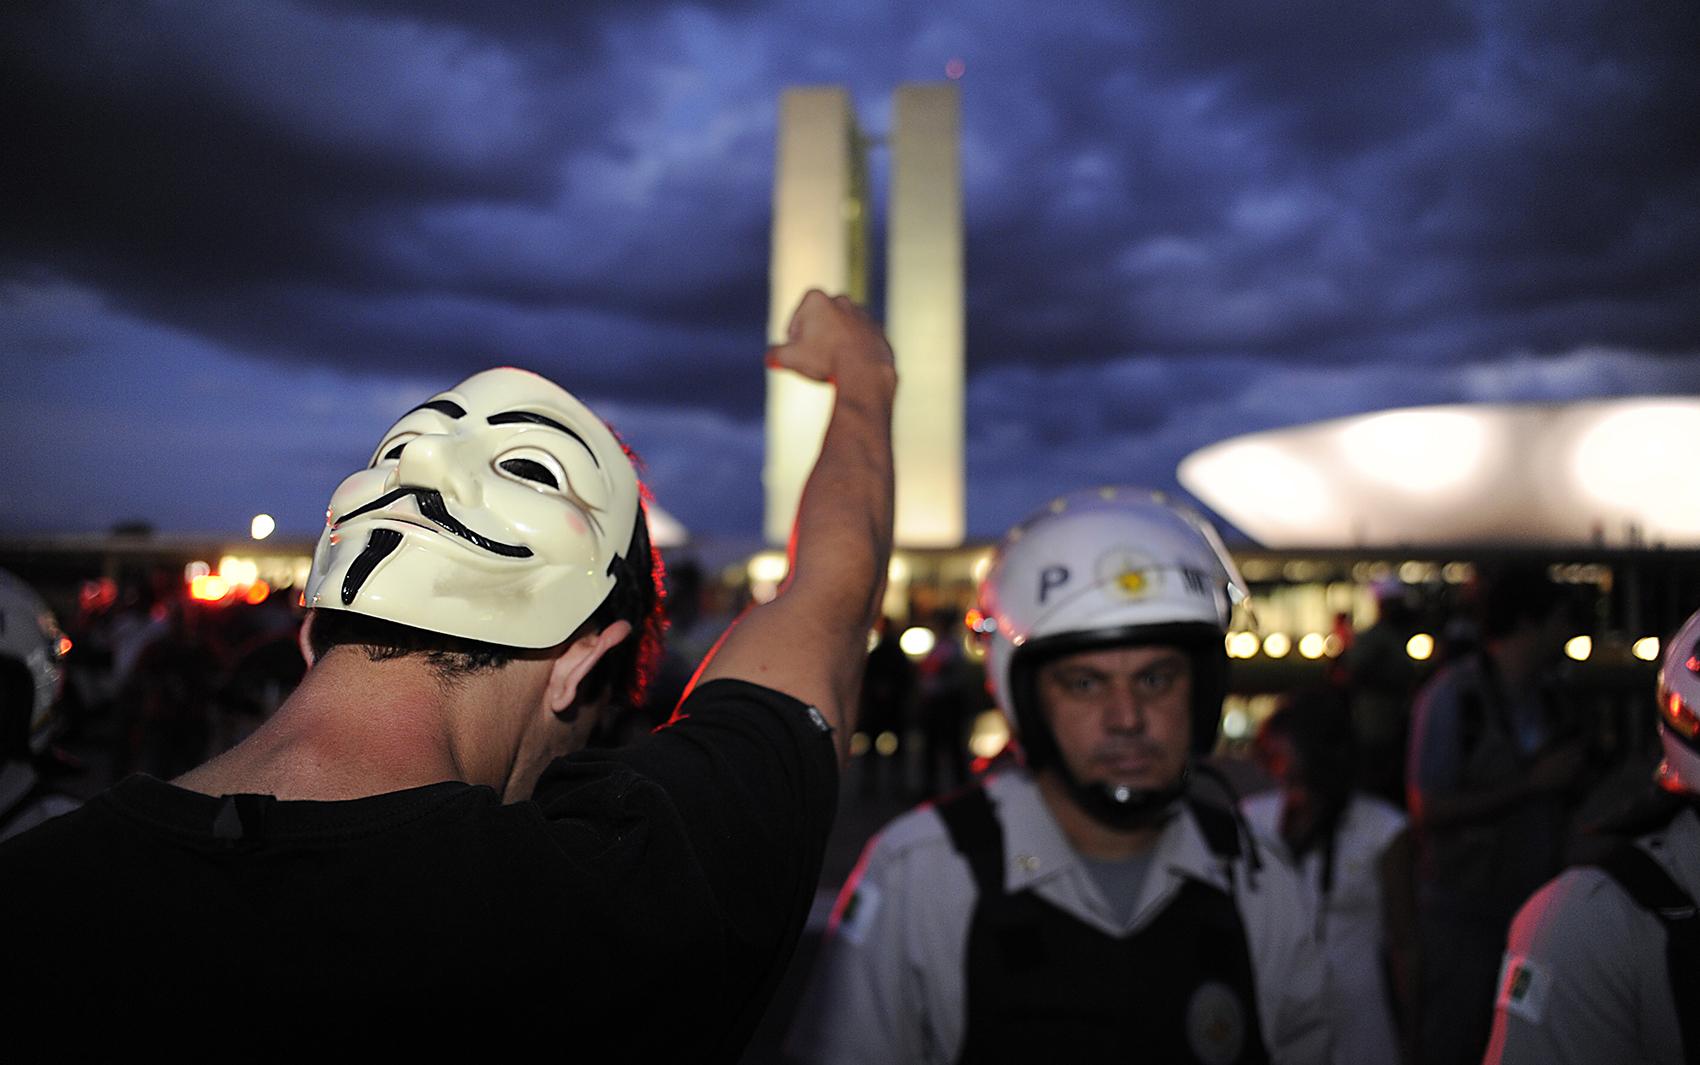 Manifestantes saíram do Museu da República em direção ao Congresso Nacional em protesto que começou às 17h em Brasília